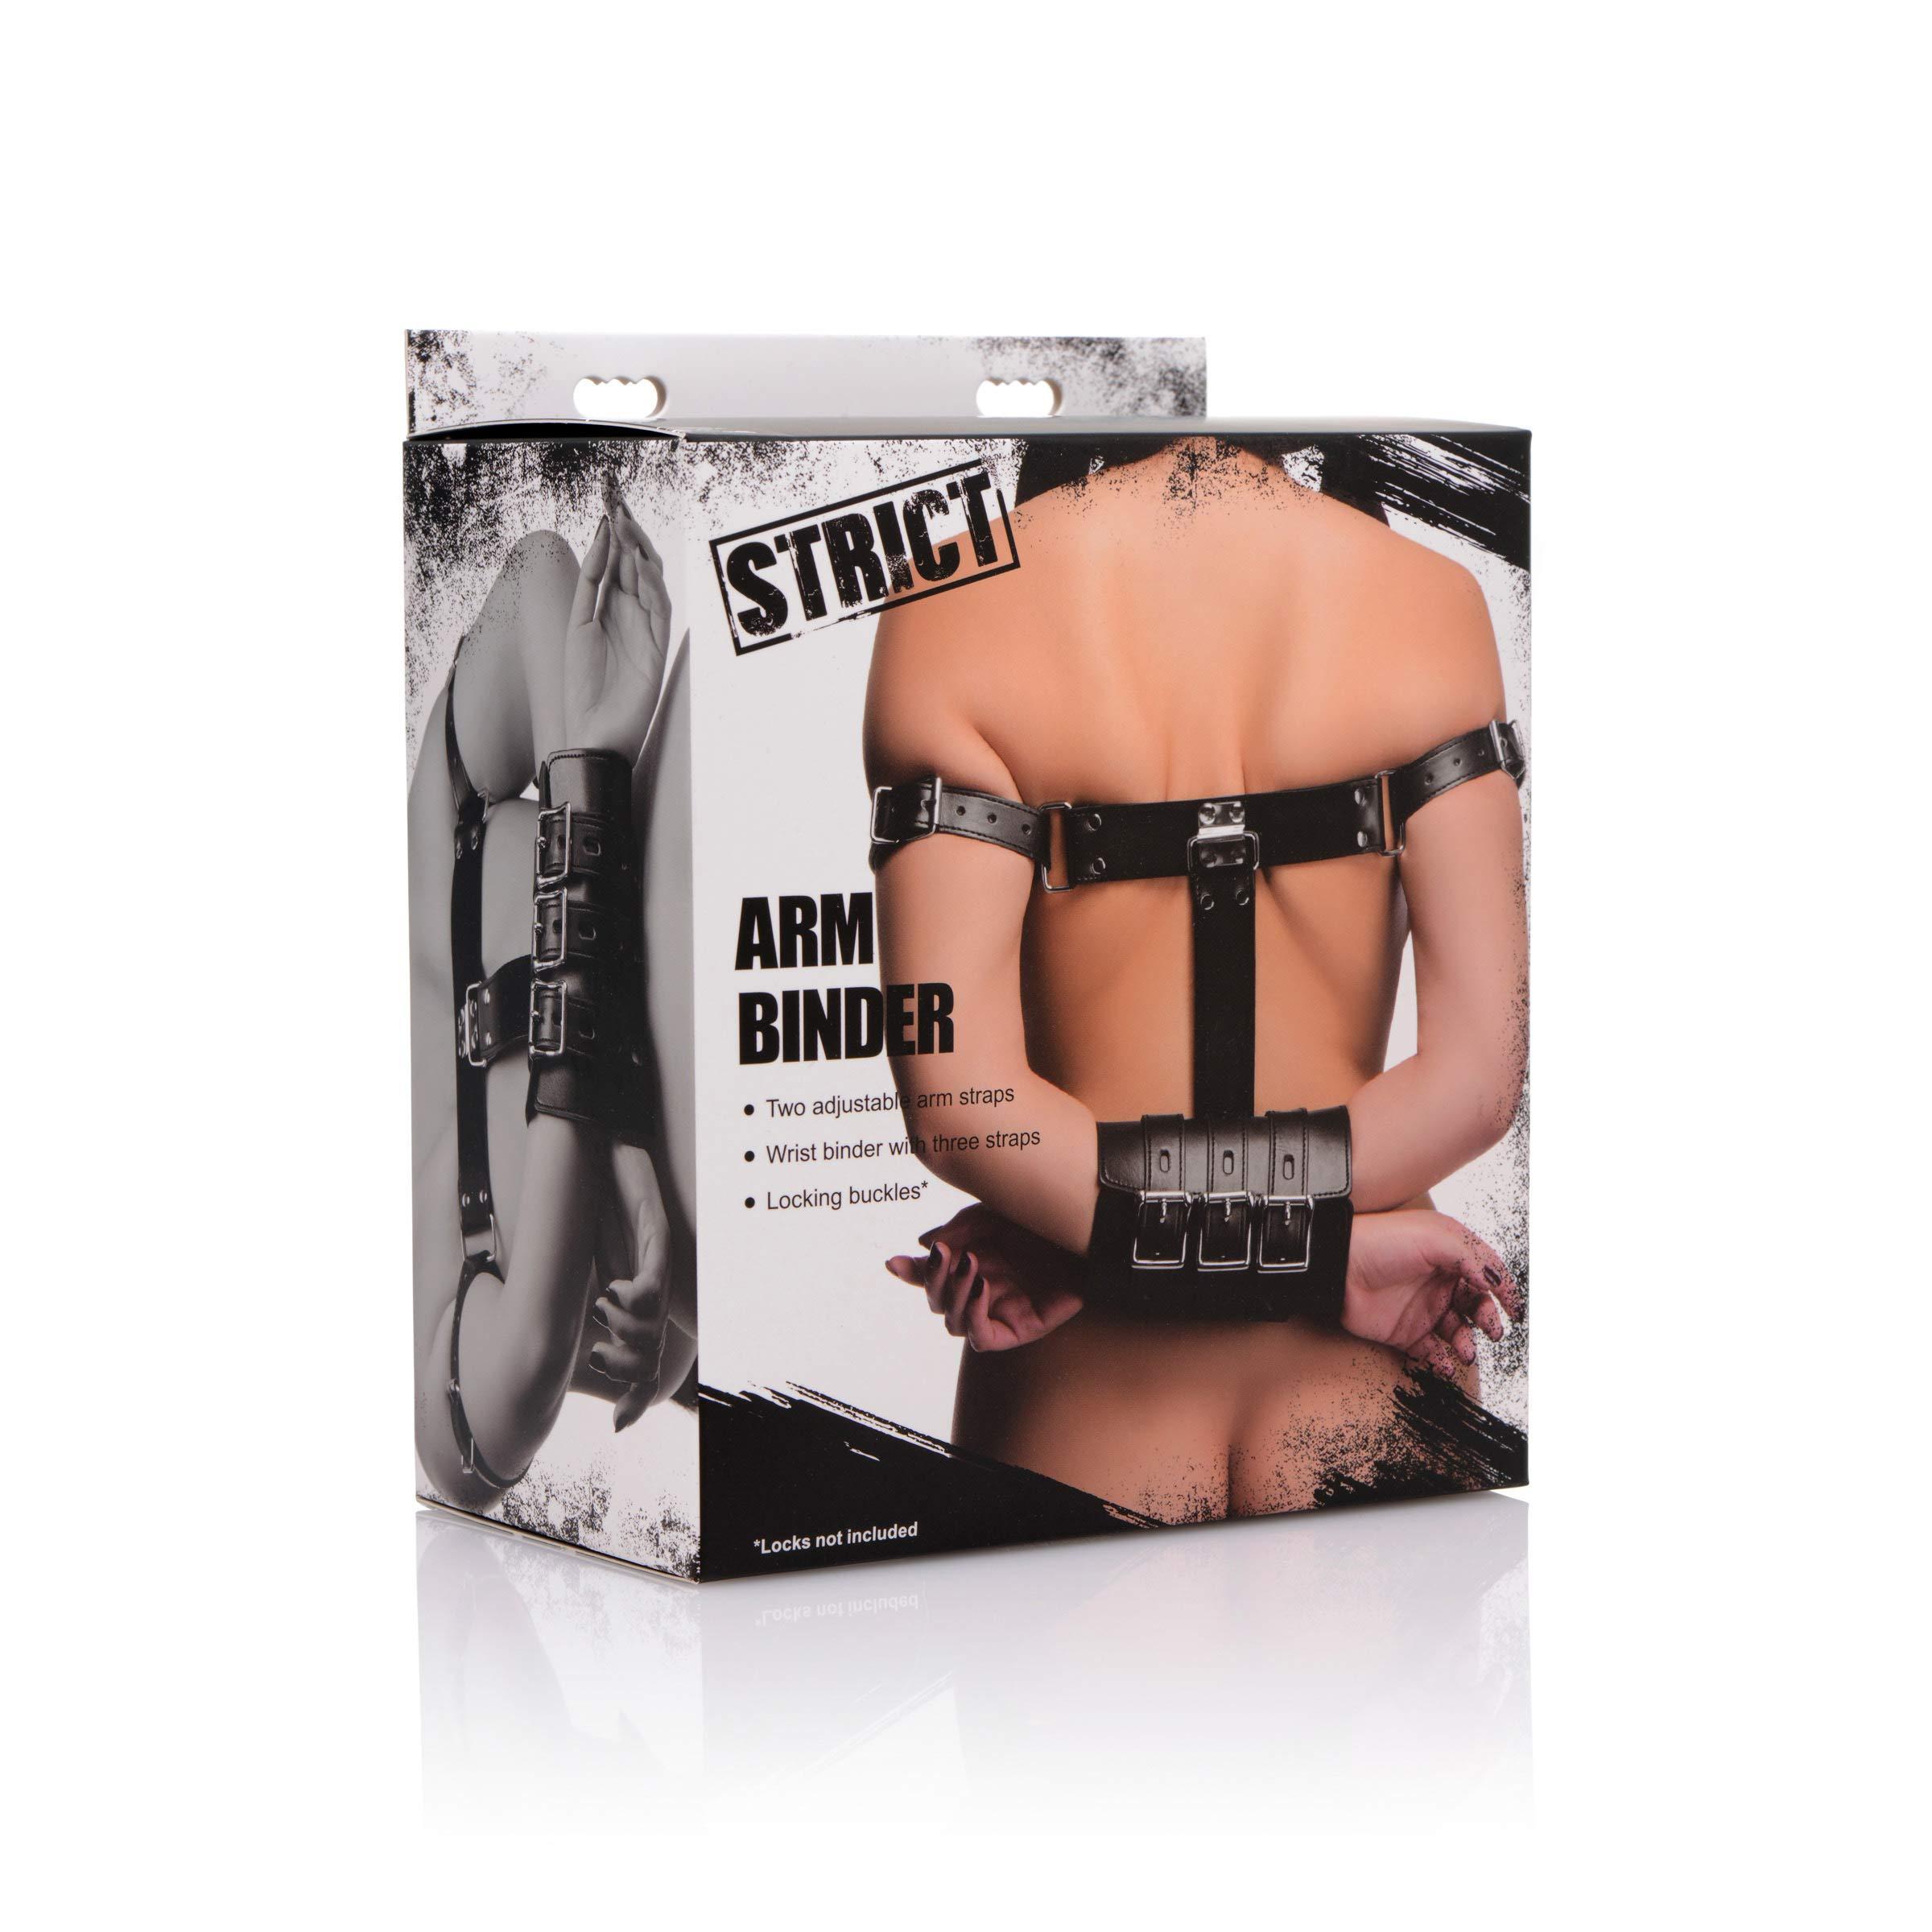 STRICT Arm Binder by STRICT